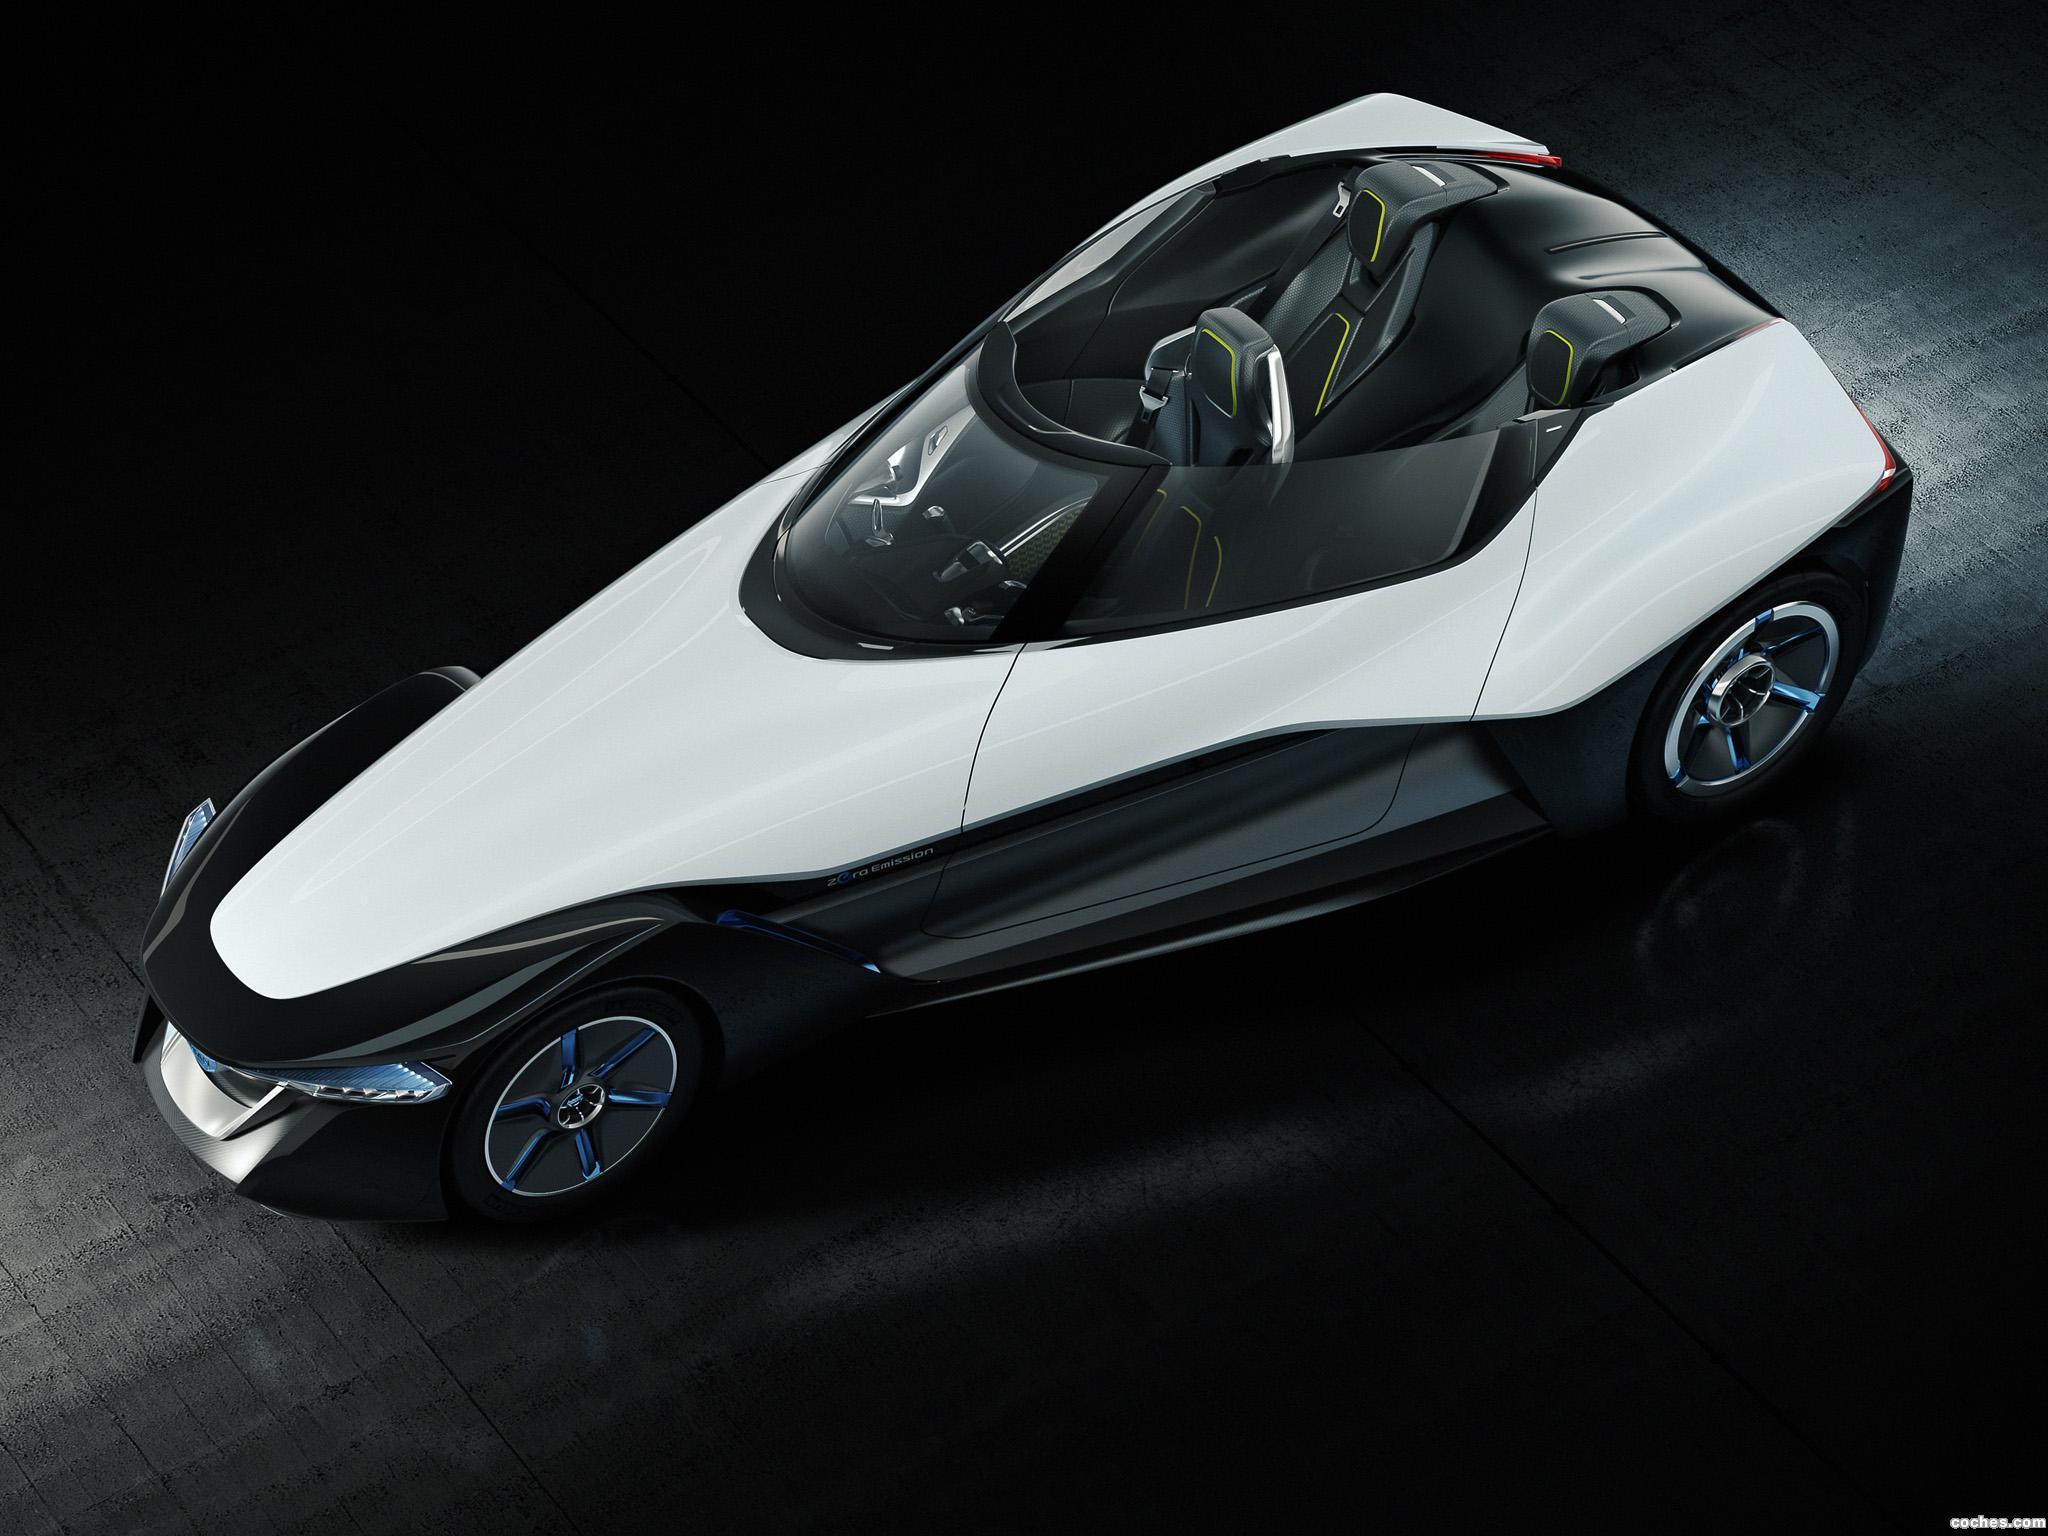 Foto 0 de Nissan Bladeglider Concept 2013